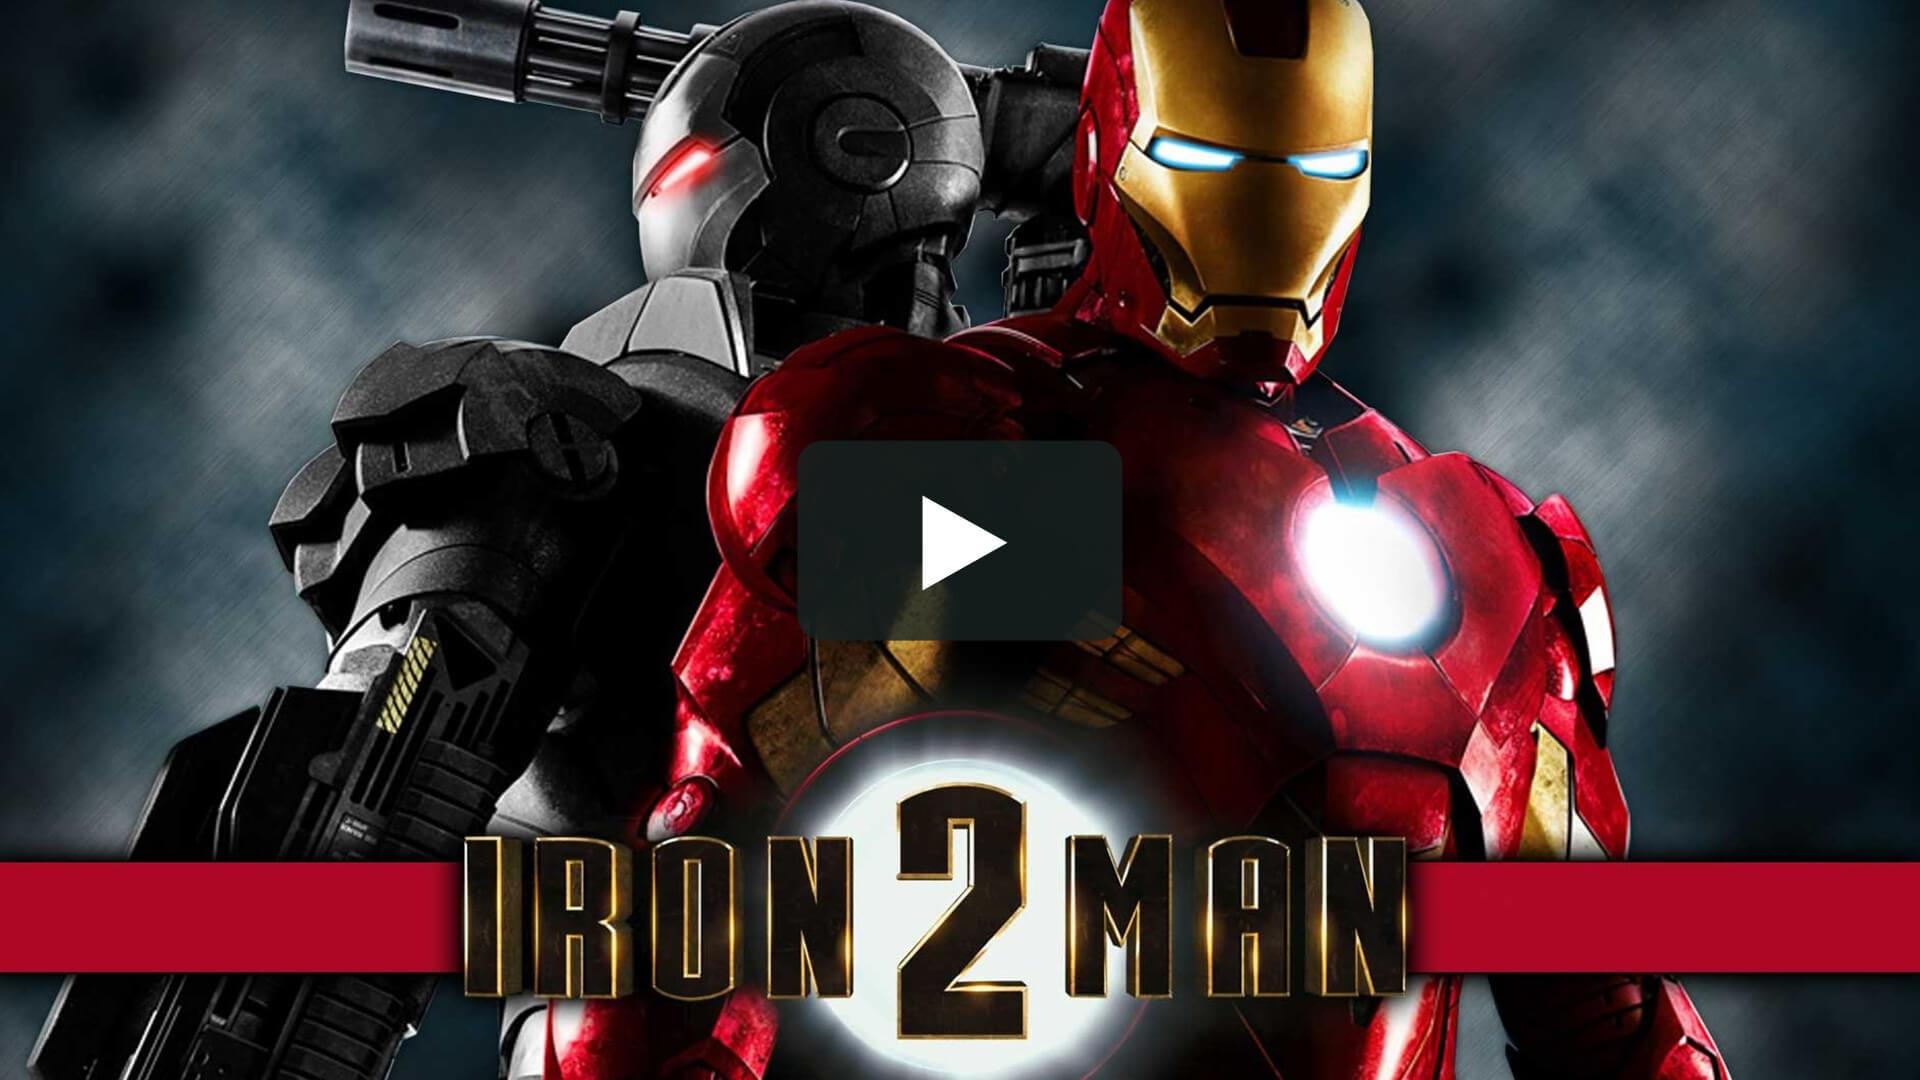 Iron Man 2 - 鋼鐵俠2